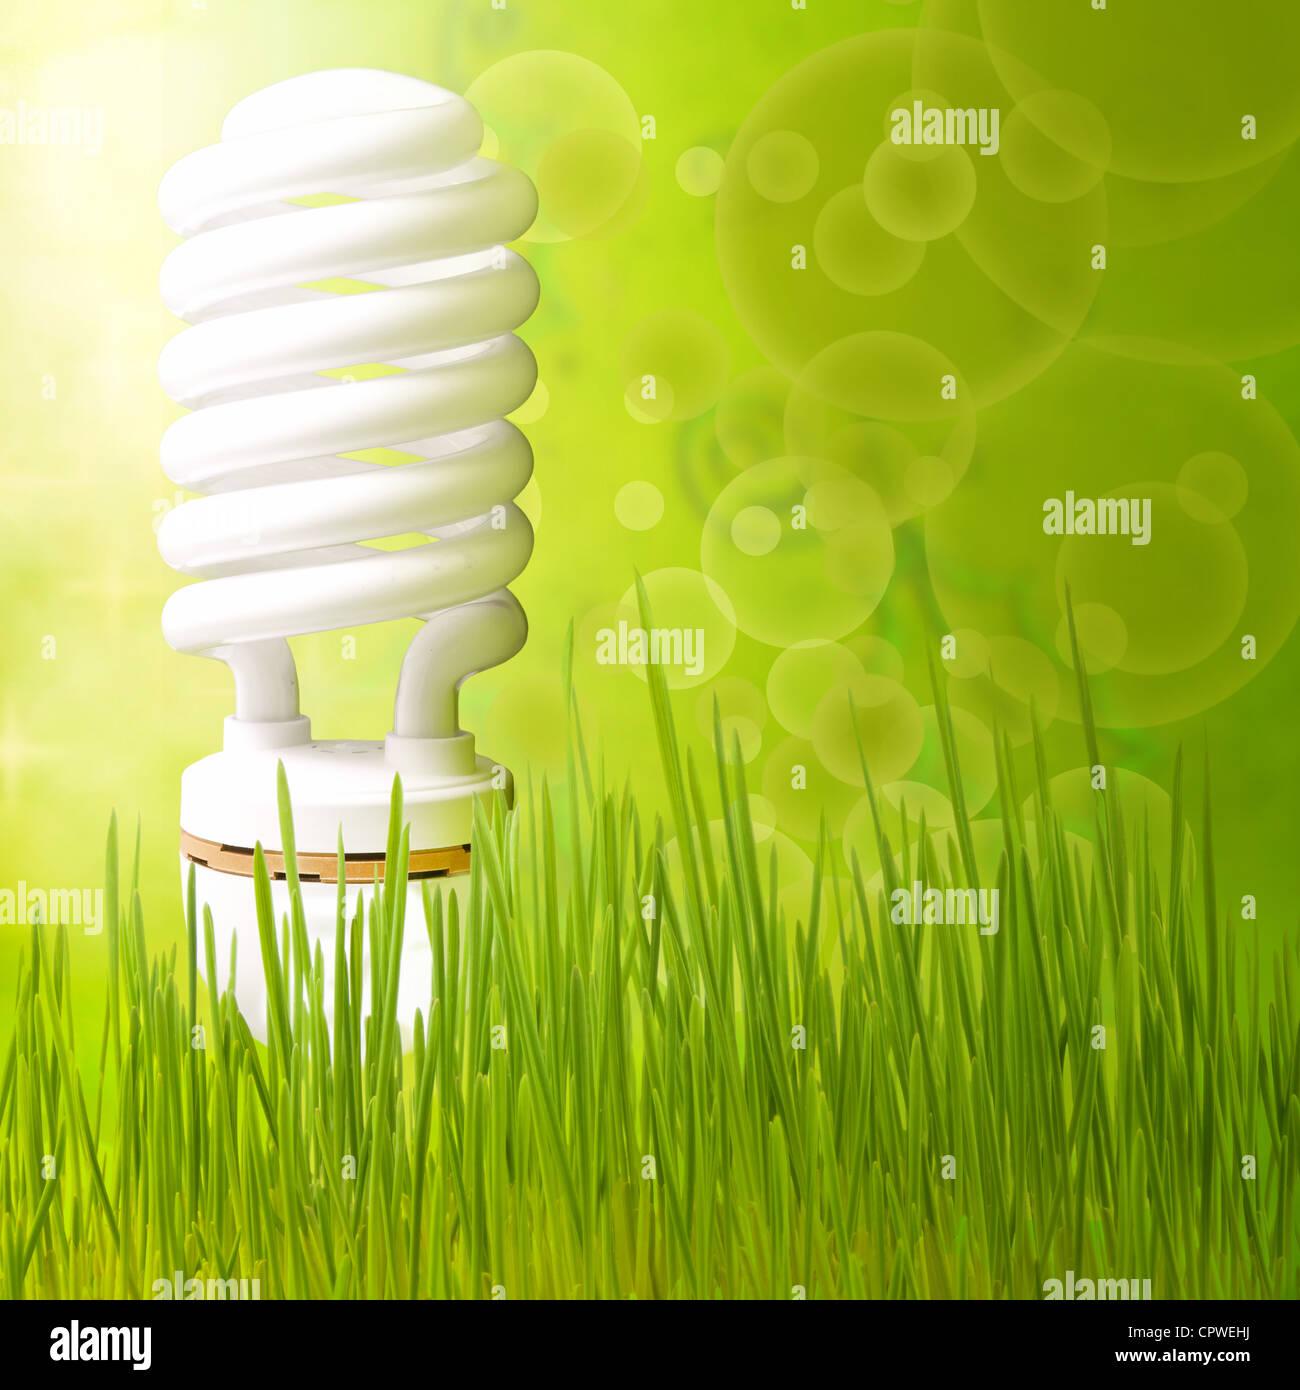 Ahorrar energía concepto abstracto de fondo verde Imagen De Stock